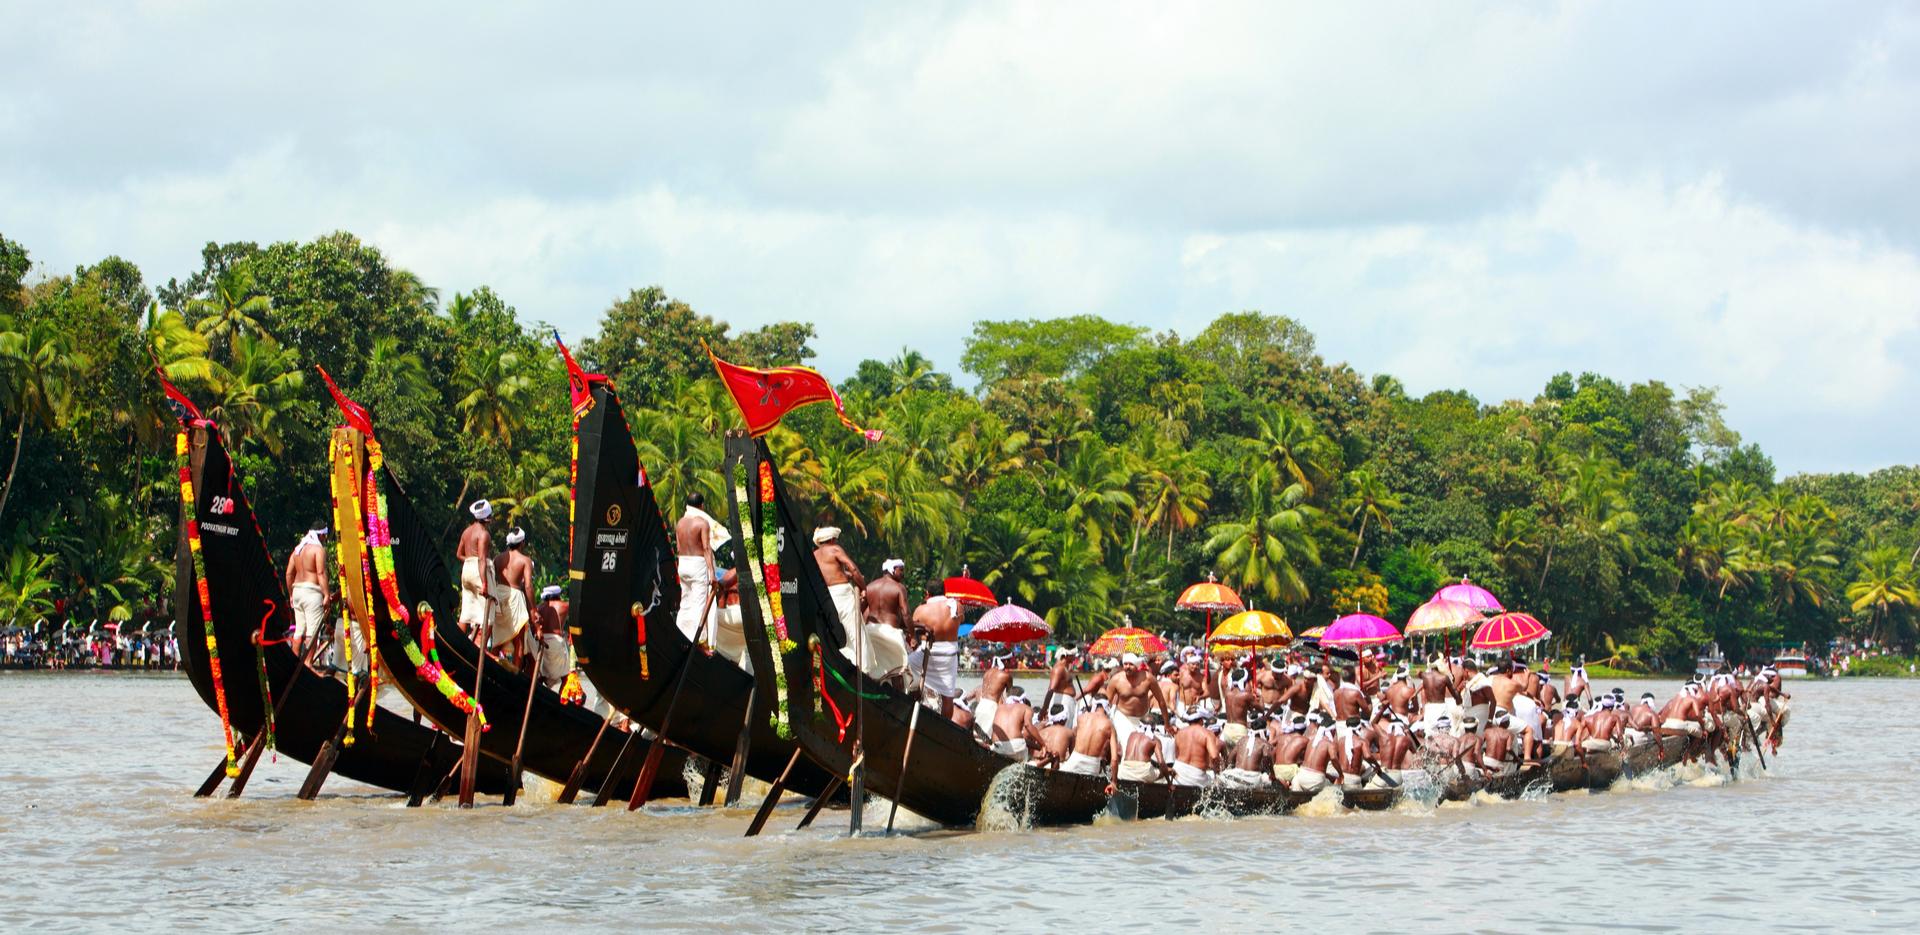 Boat Races, Kerala